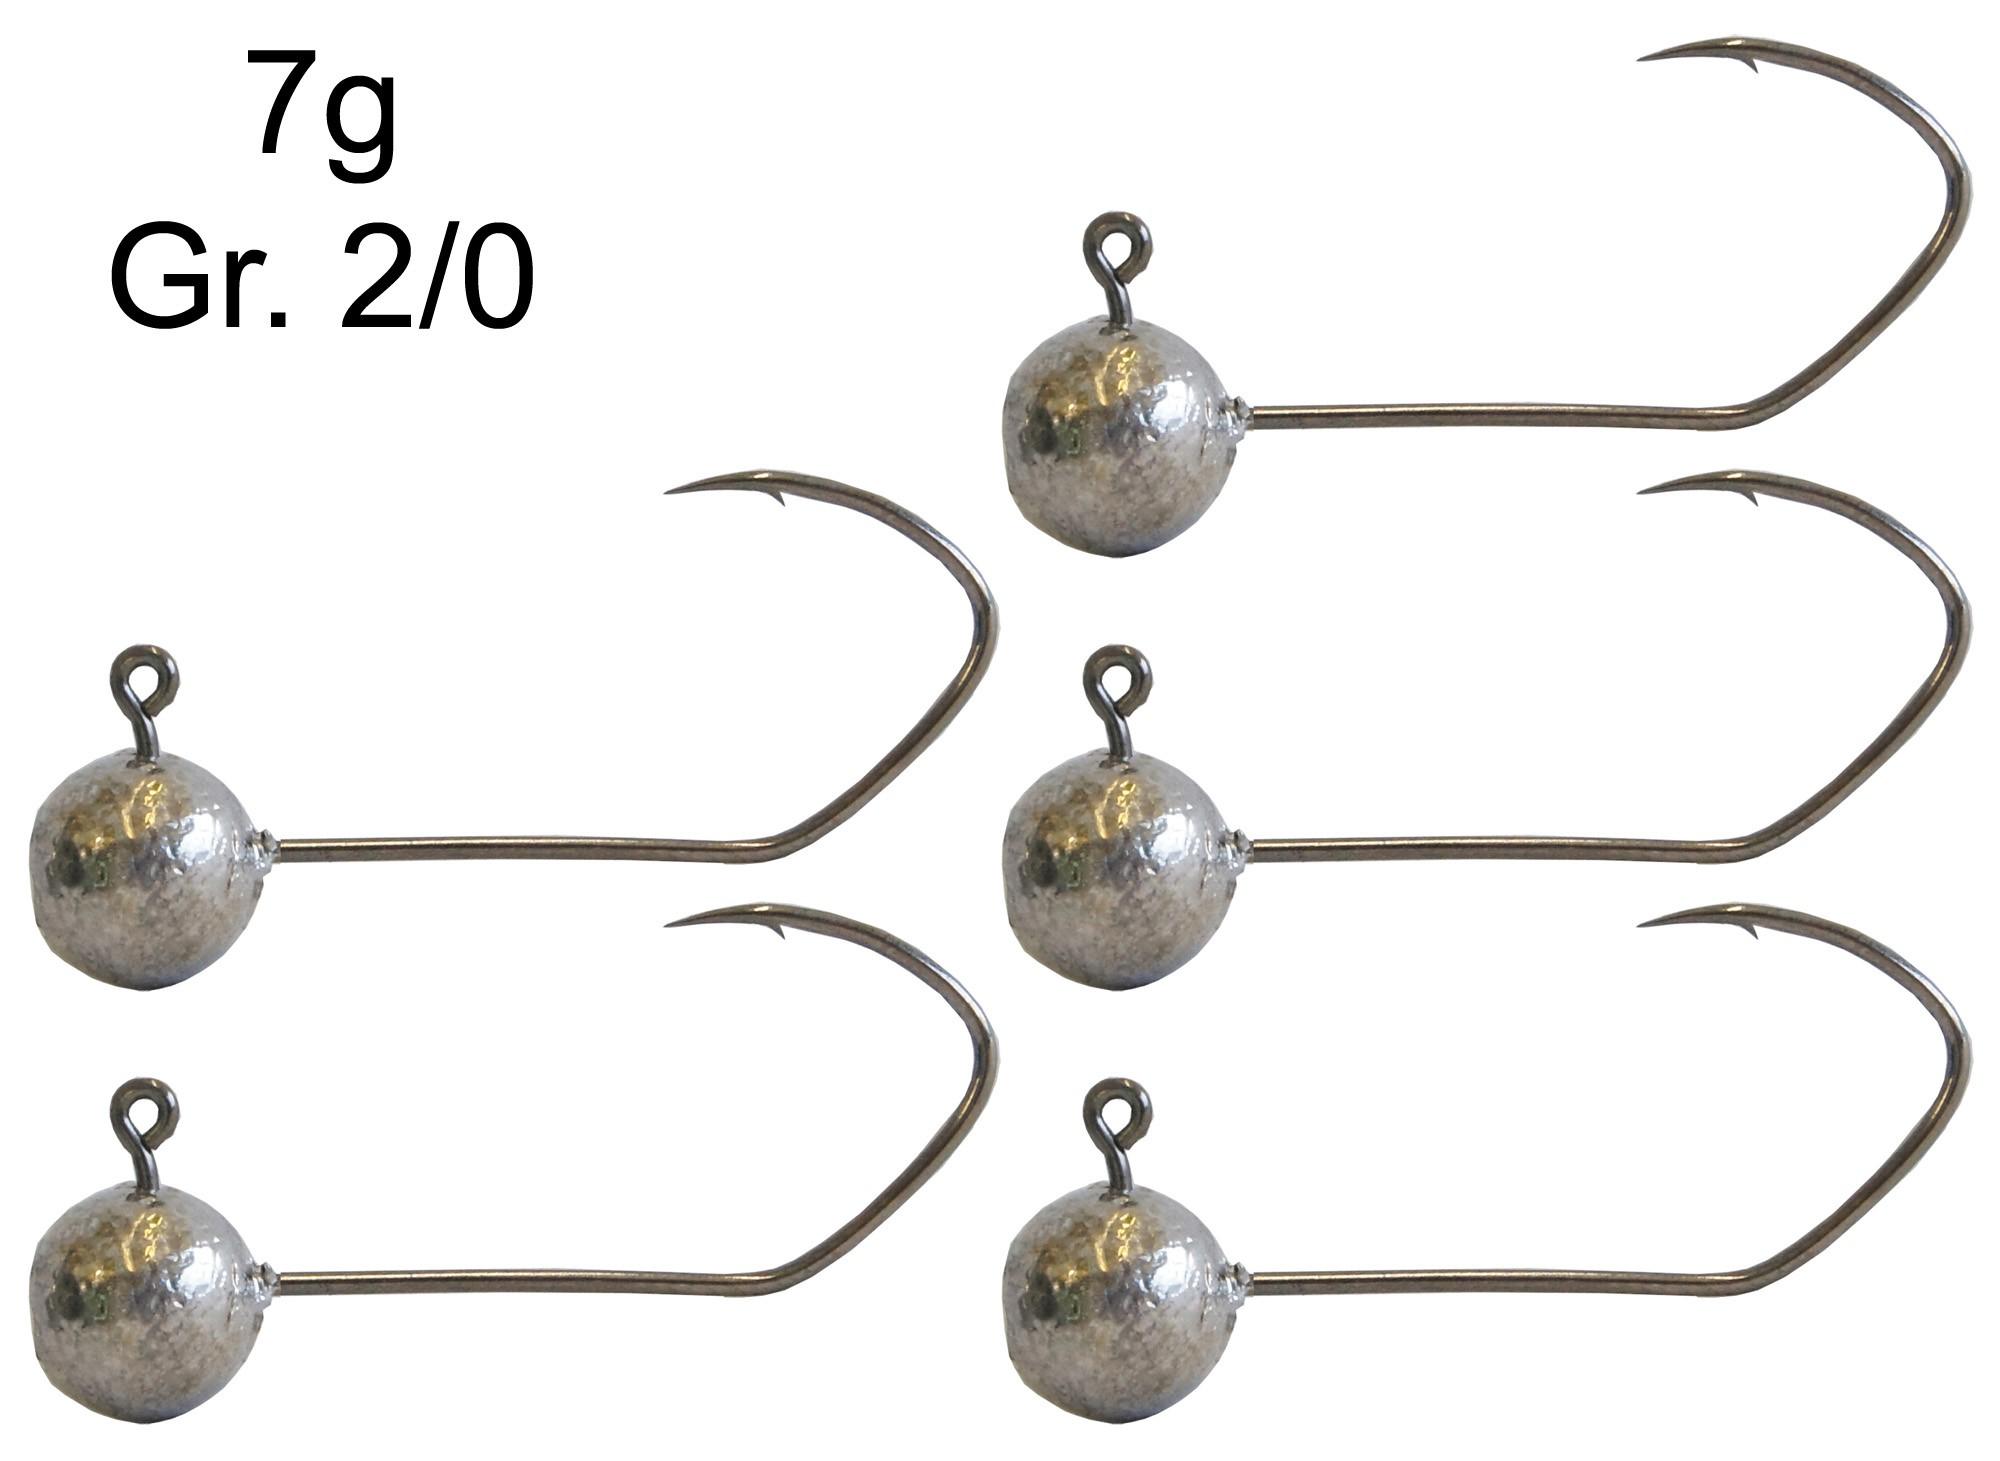 Jighaken Jigköpfe Bleiköpfe für Gummiköder Predax Fishing MSO Jighaken